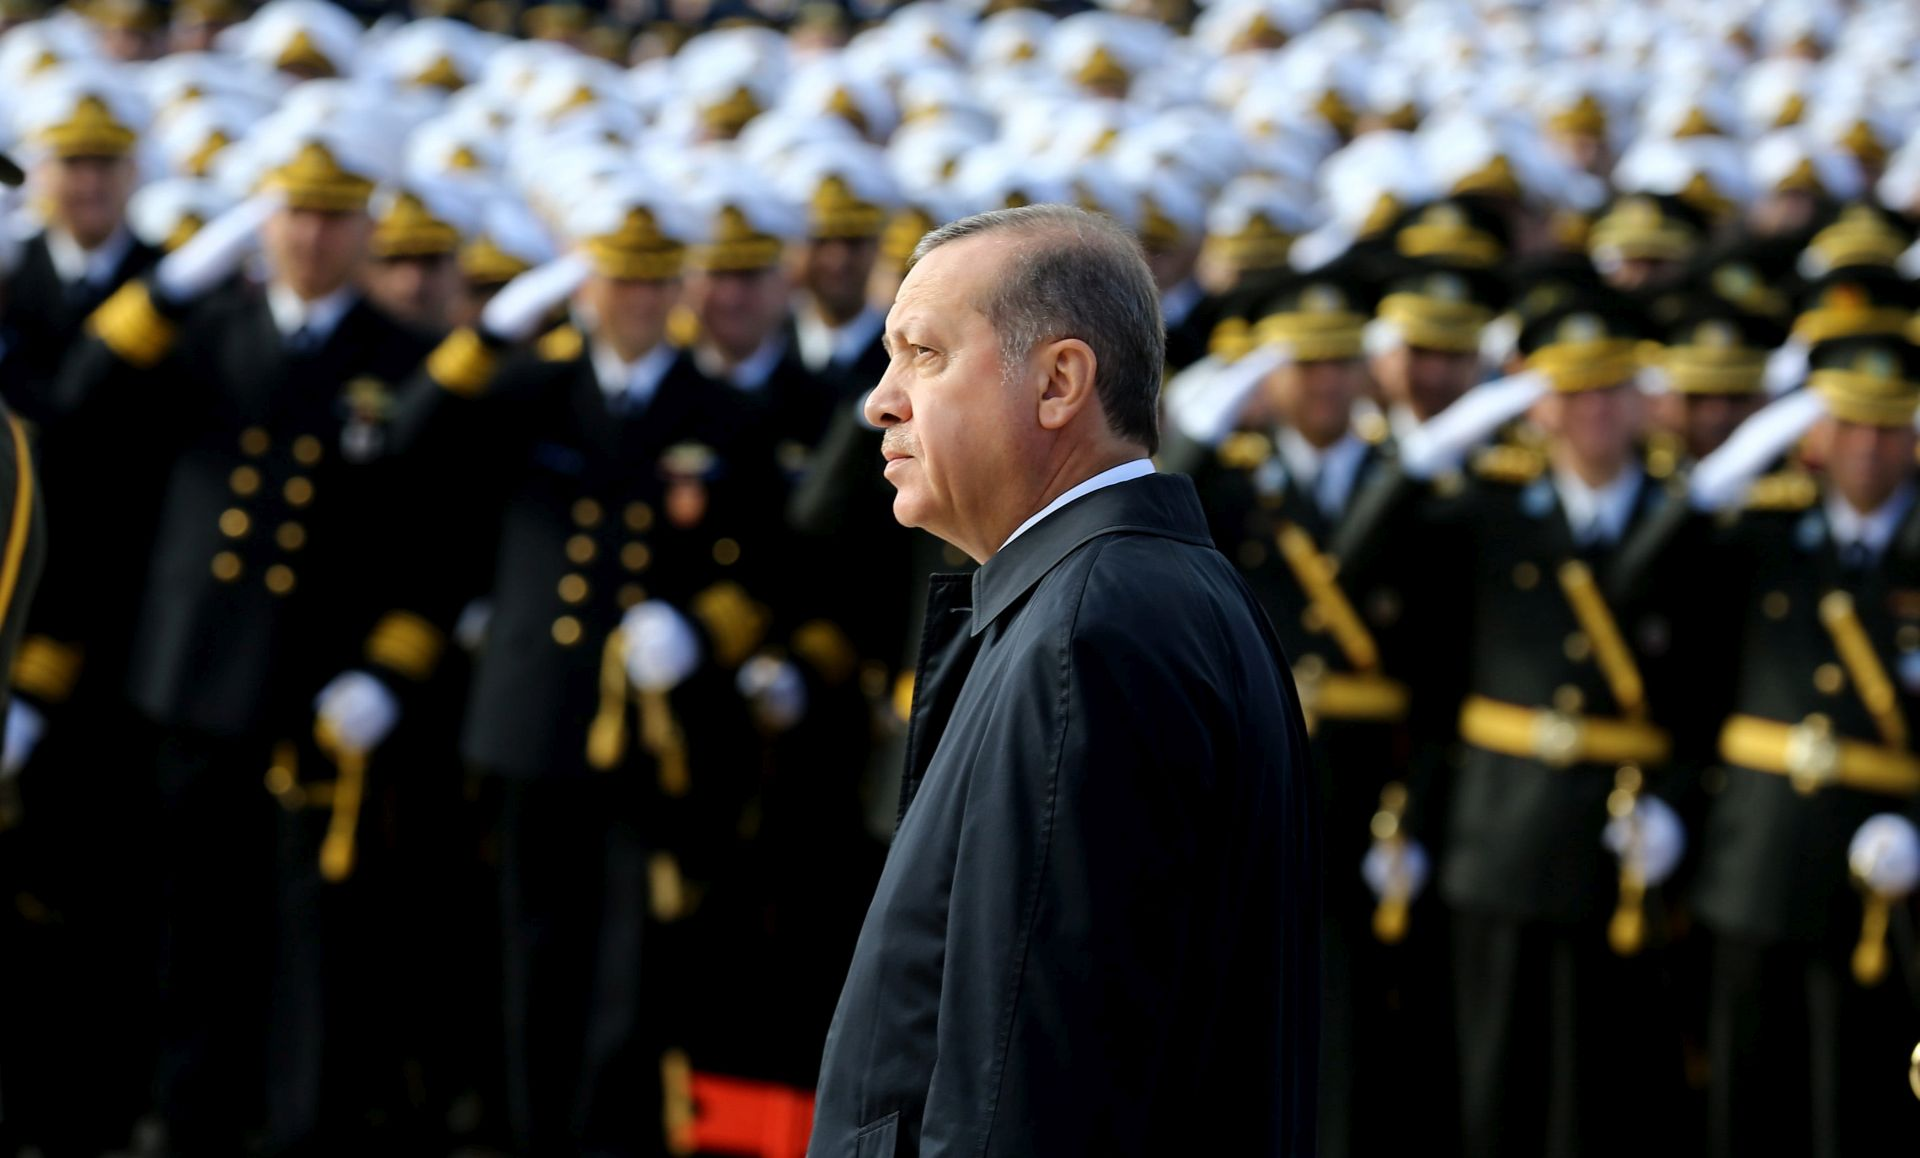 Pedeset međunarodnih medija poslalo otvoreno pismo turskom predsjedniku